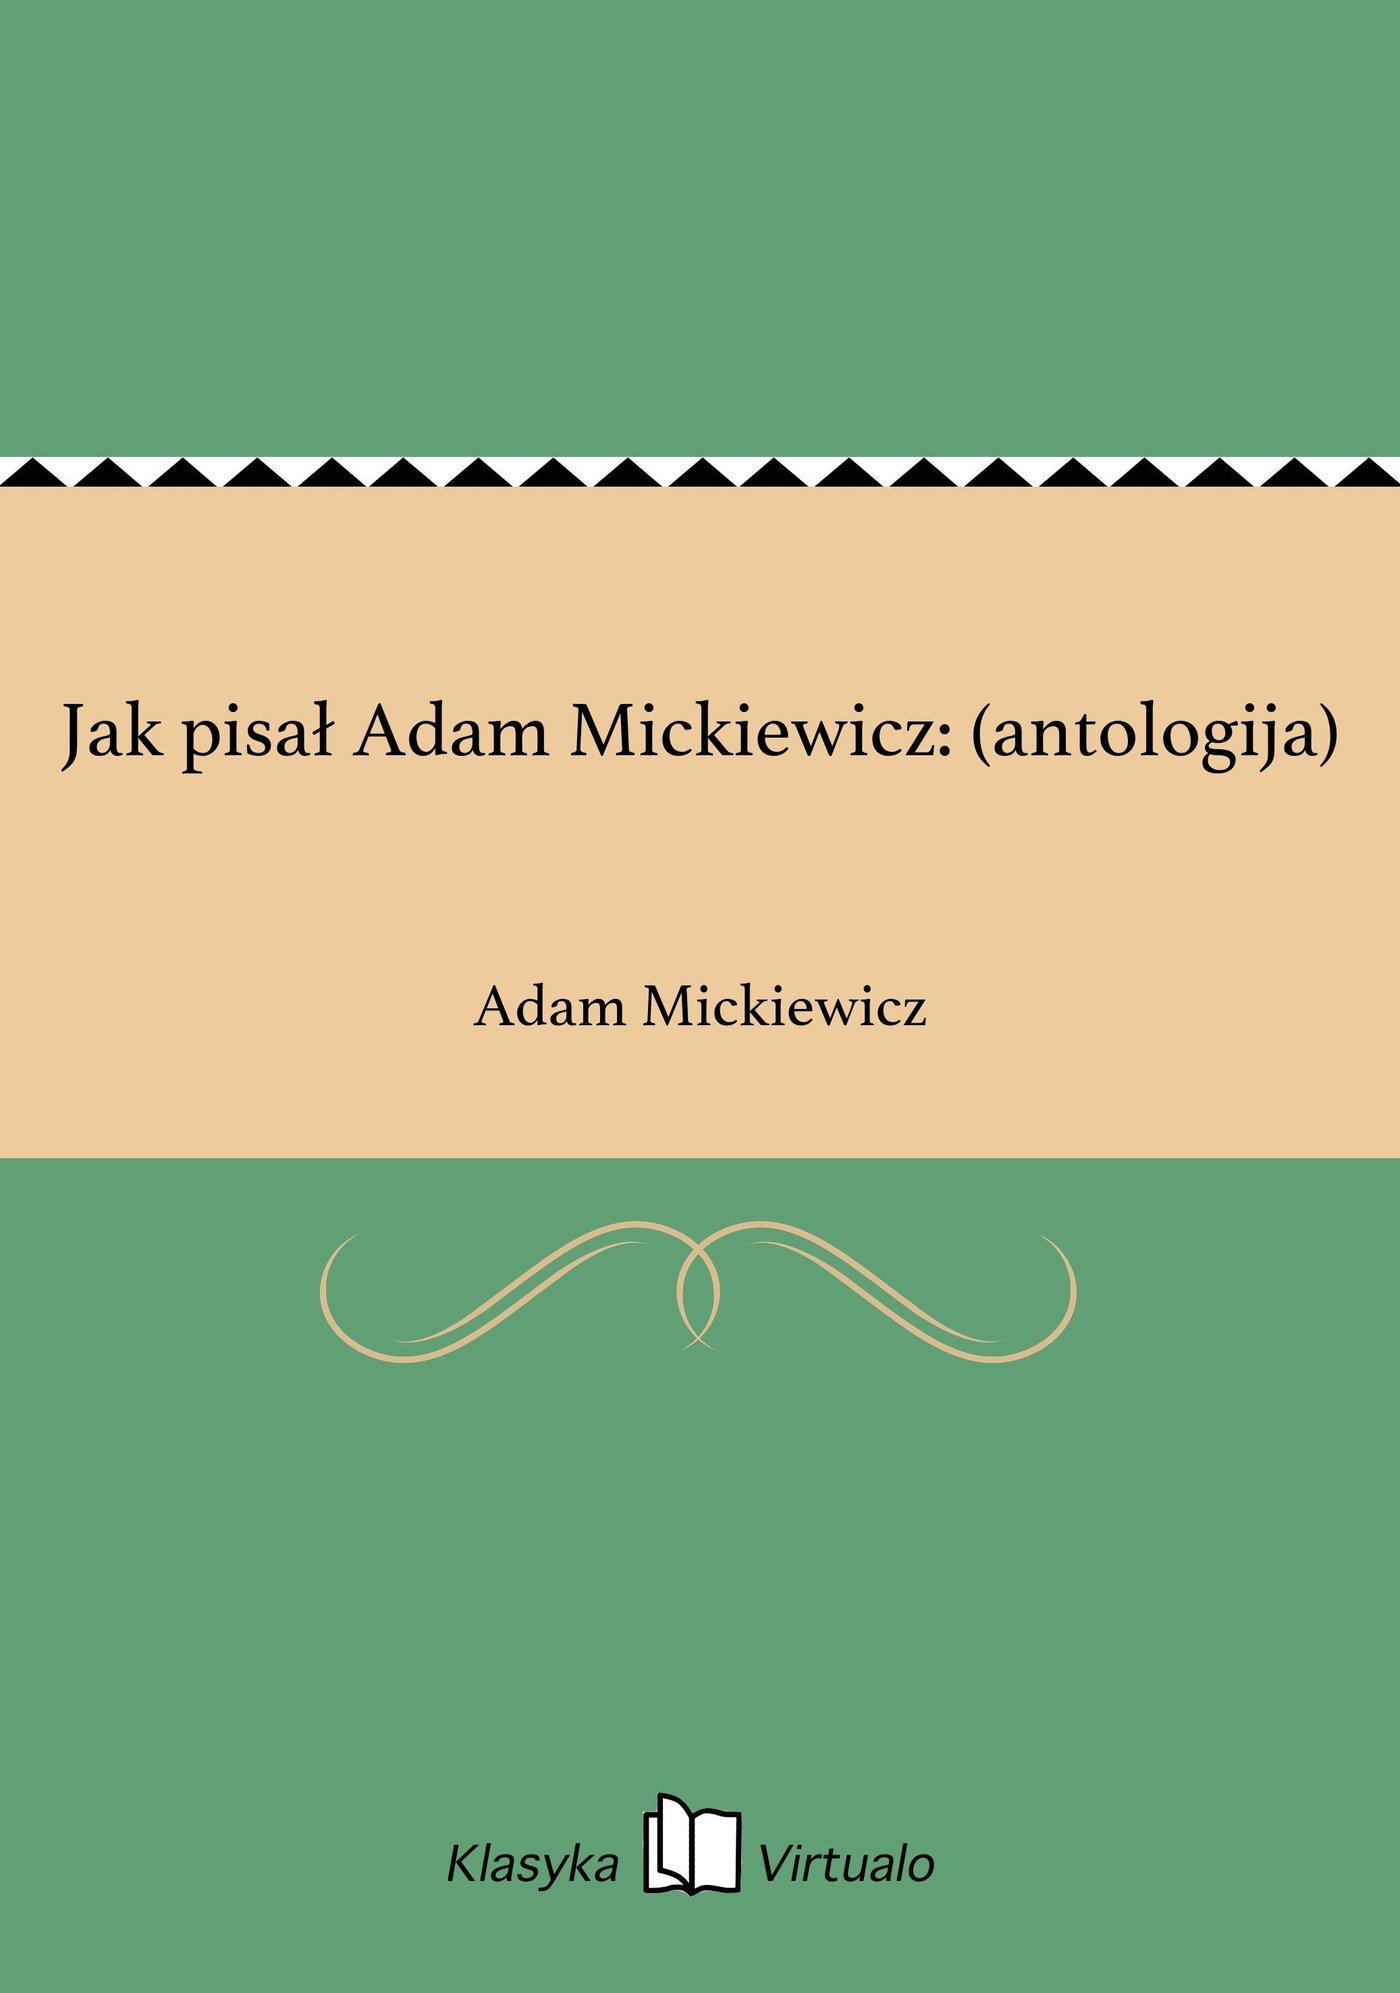 Jak pisał Adam Mickiewicz: (antologija) - Ebook (Książka EPUB) do pobrania w formacie EPUB